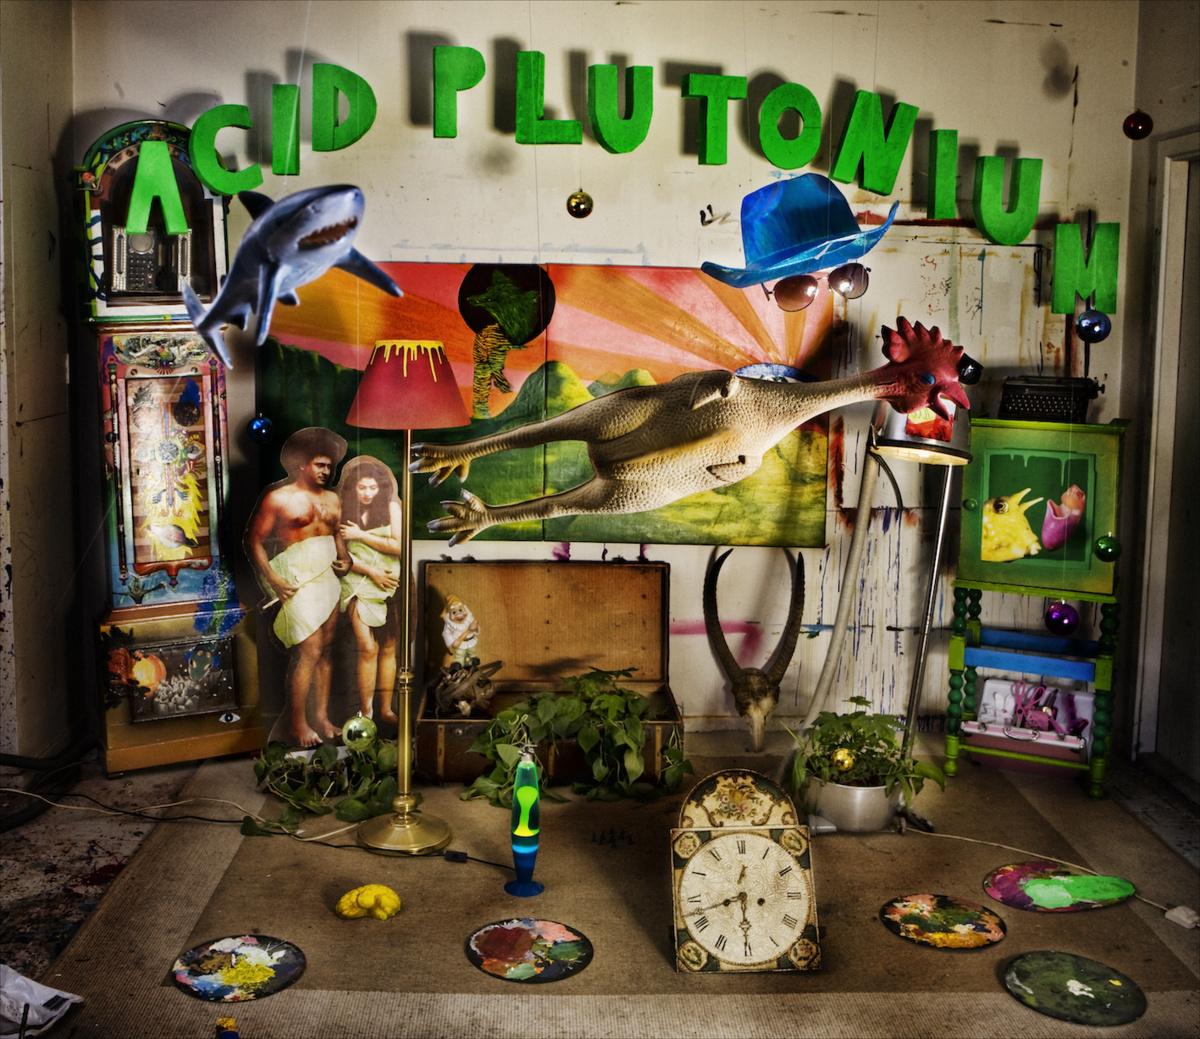 Acid Plutonium!: Acid Plutonium!